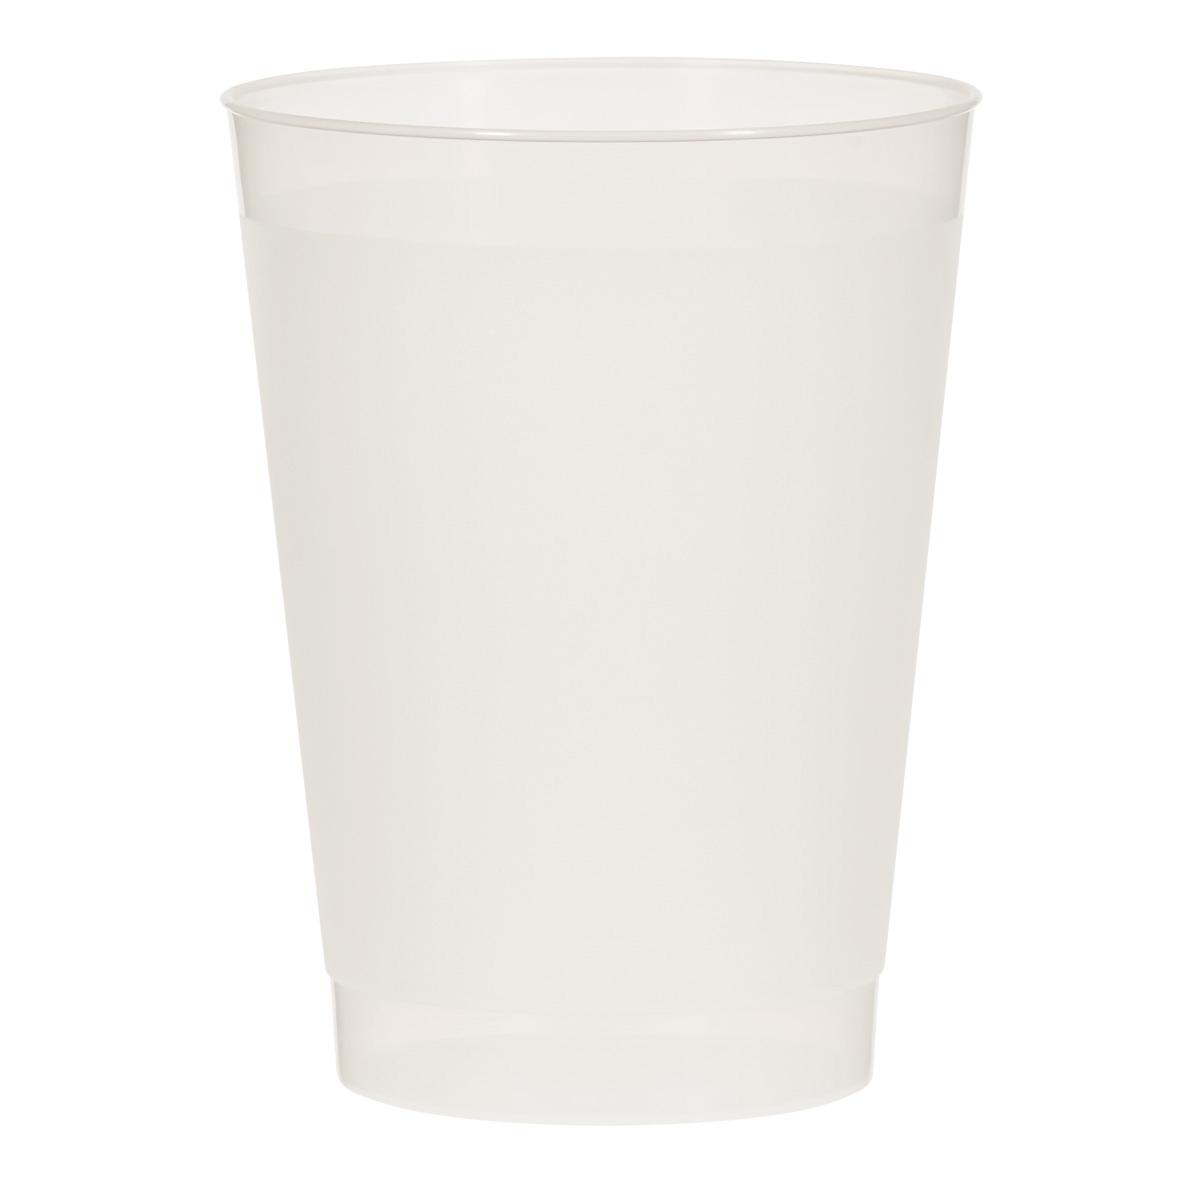 5910 - Copa de Plástico Frost Flex 10 Oz.